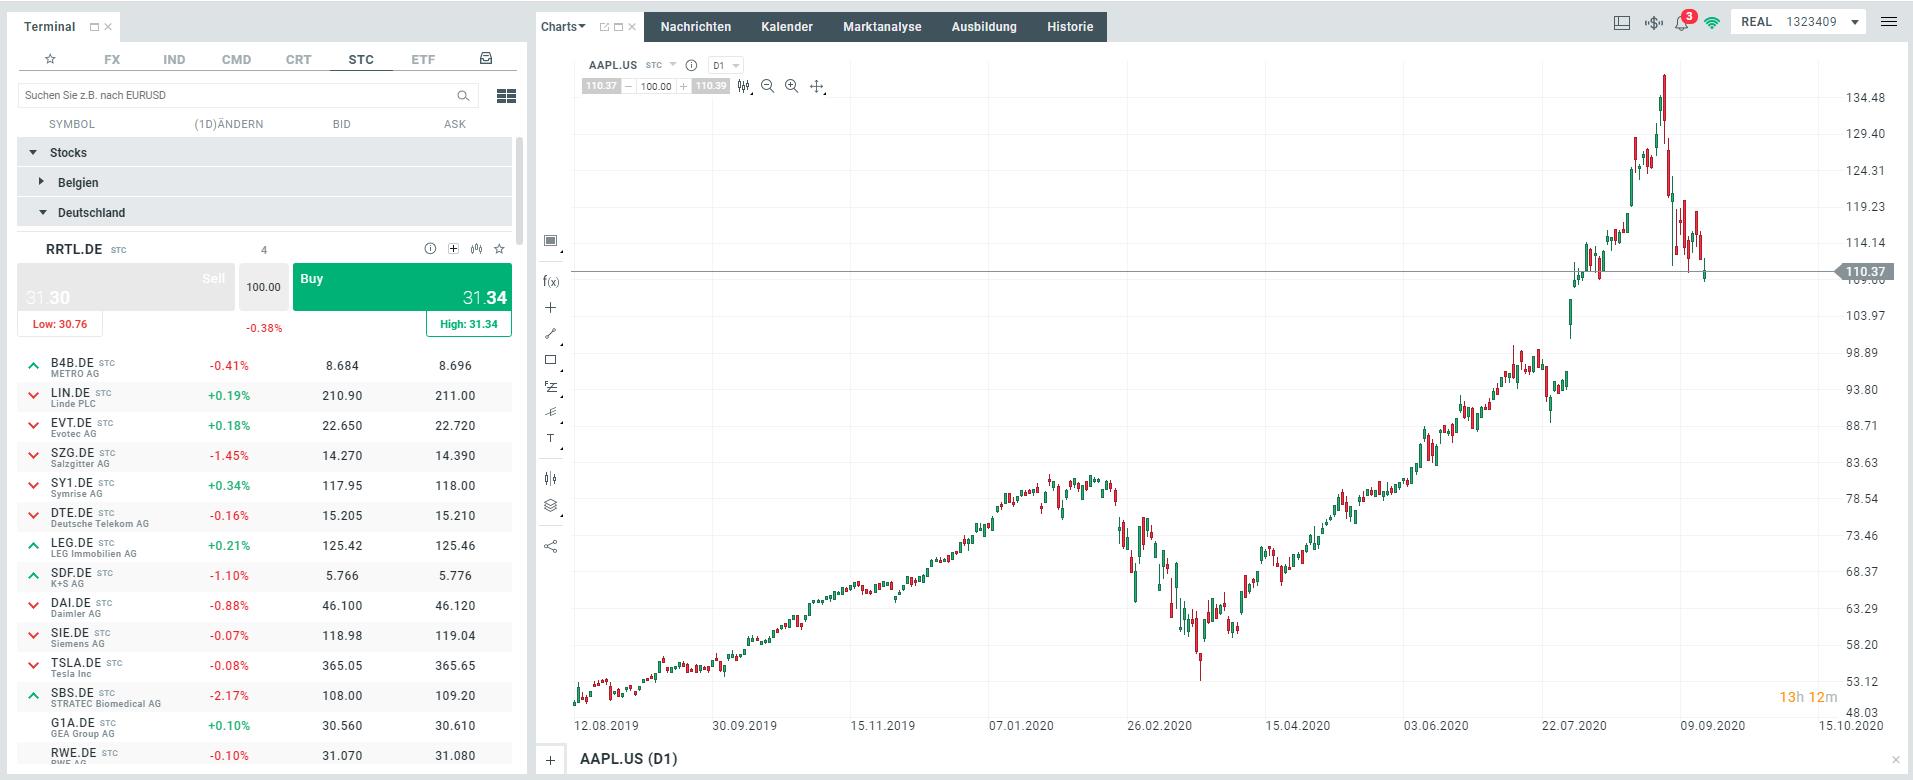 Aktien Trading Plattform